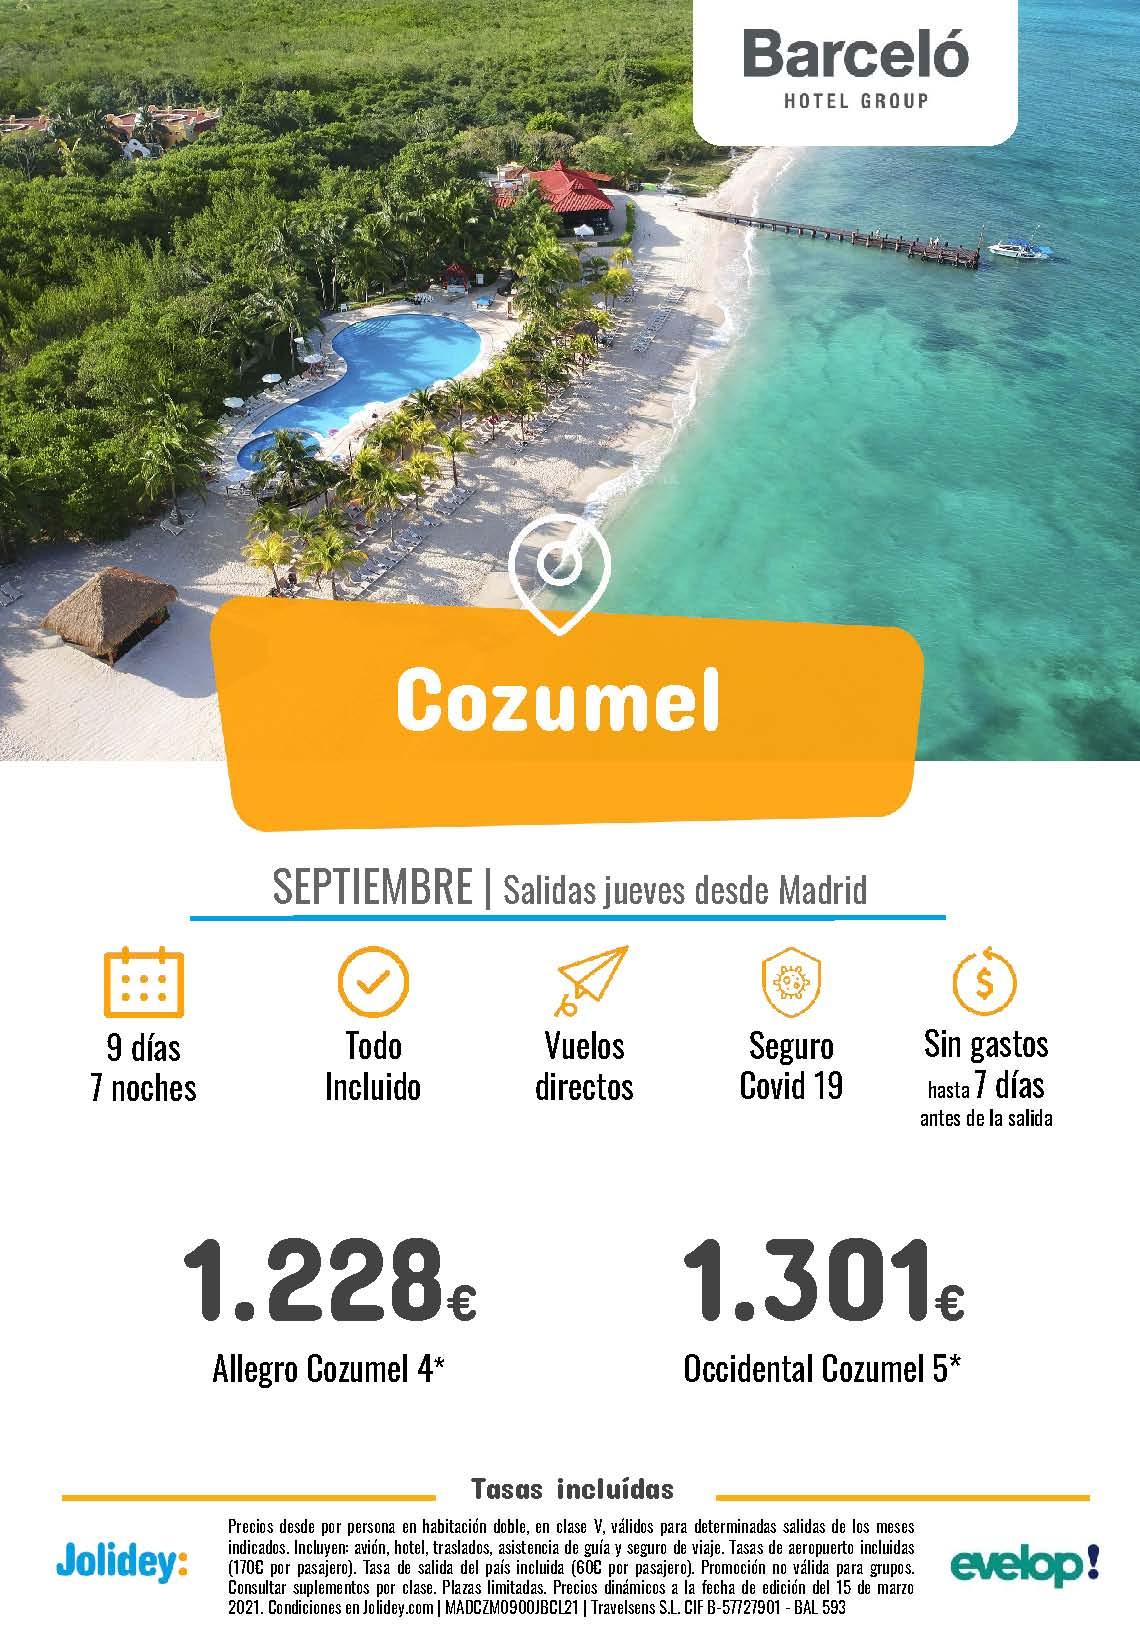 Oferta Jolidey Vacaciones en Cozumel hotel Barcelo Septiembre 2021 salida en vuelo directo desde Madrid